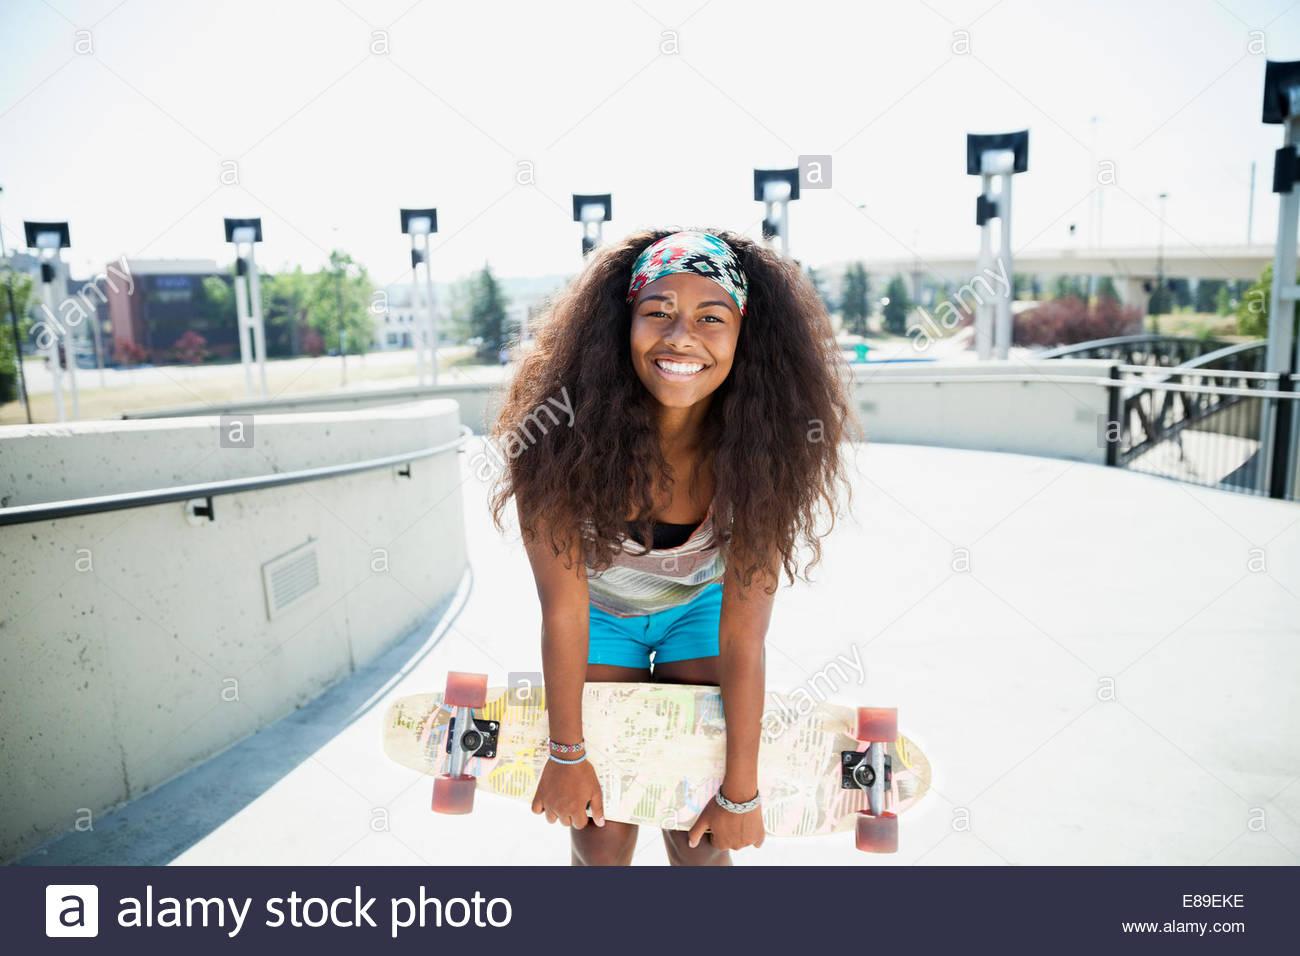 Retrato de una adolescente sosteniendo el monopatín Imagen De Stock